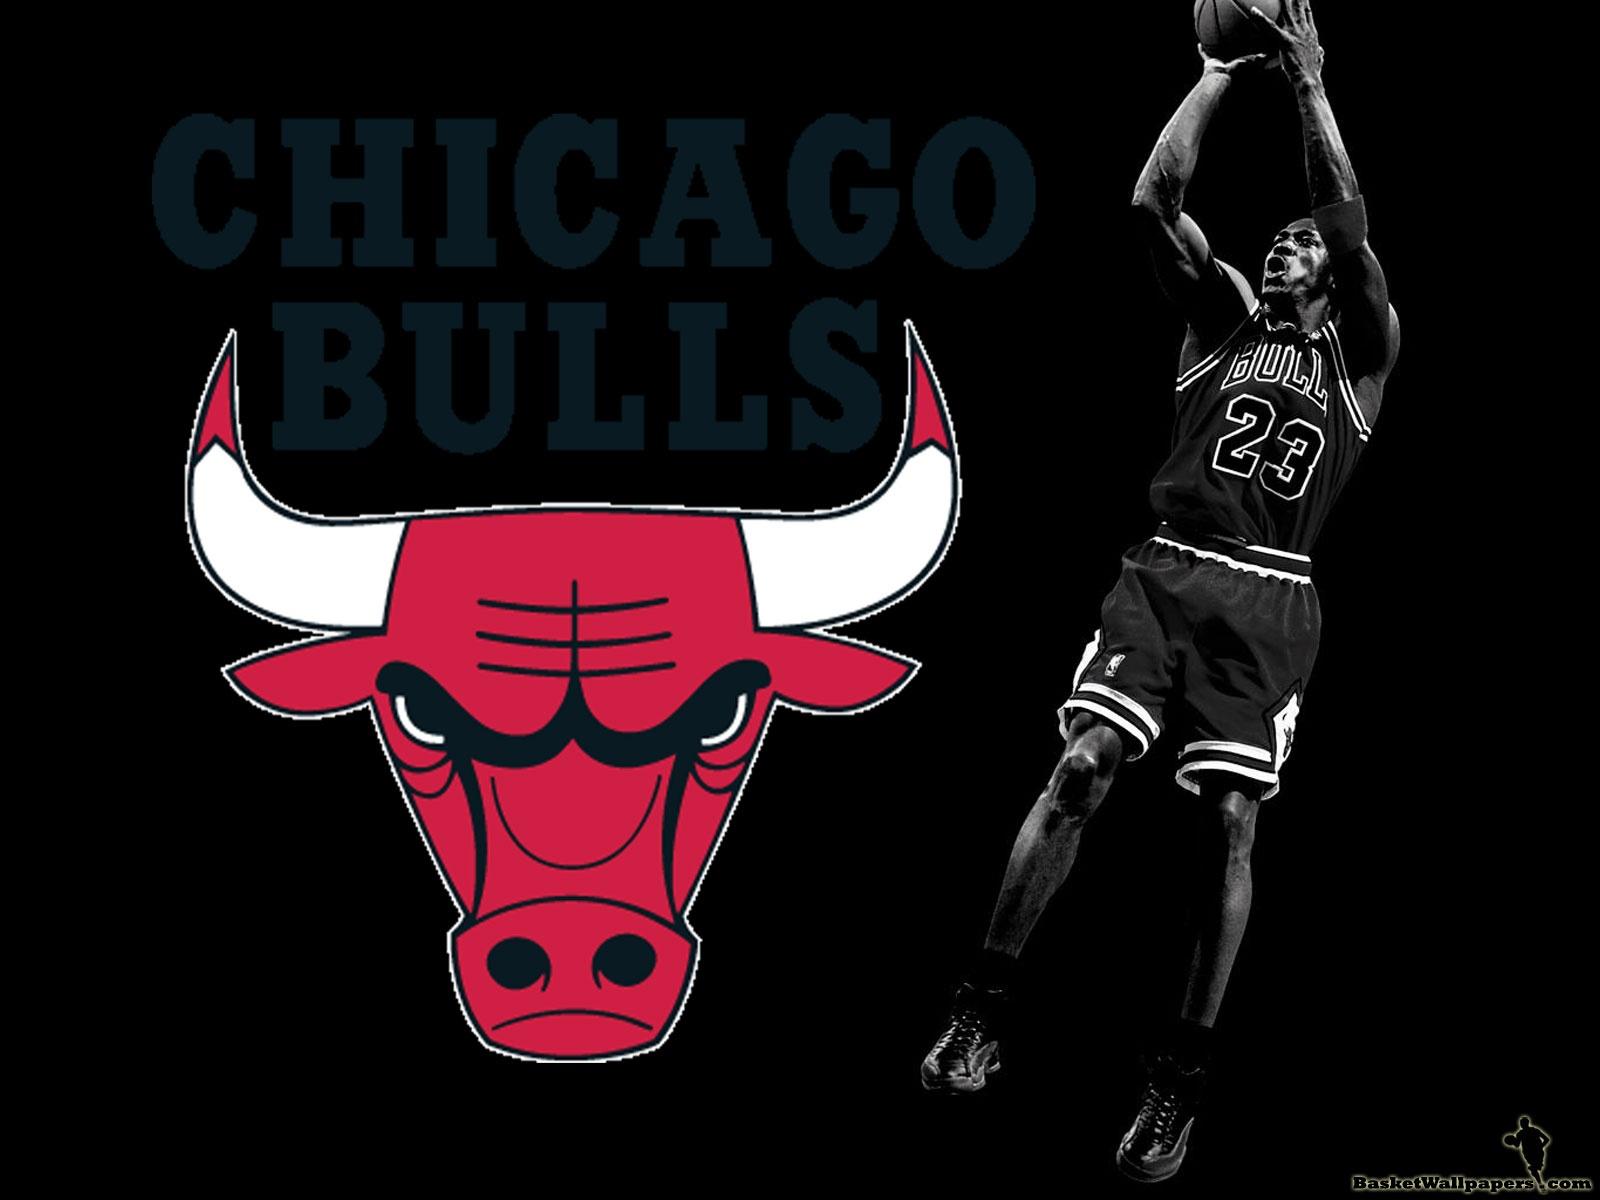 Chicago Bulls wallpaper For Android ImageBankbiz 1600x1200